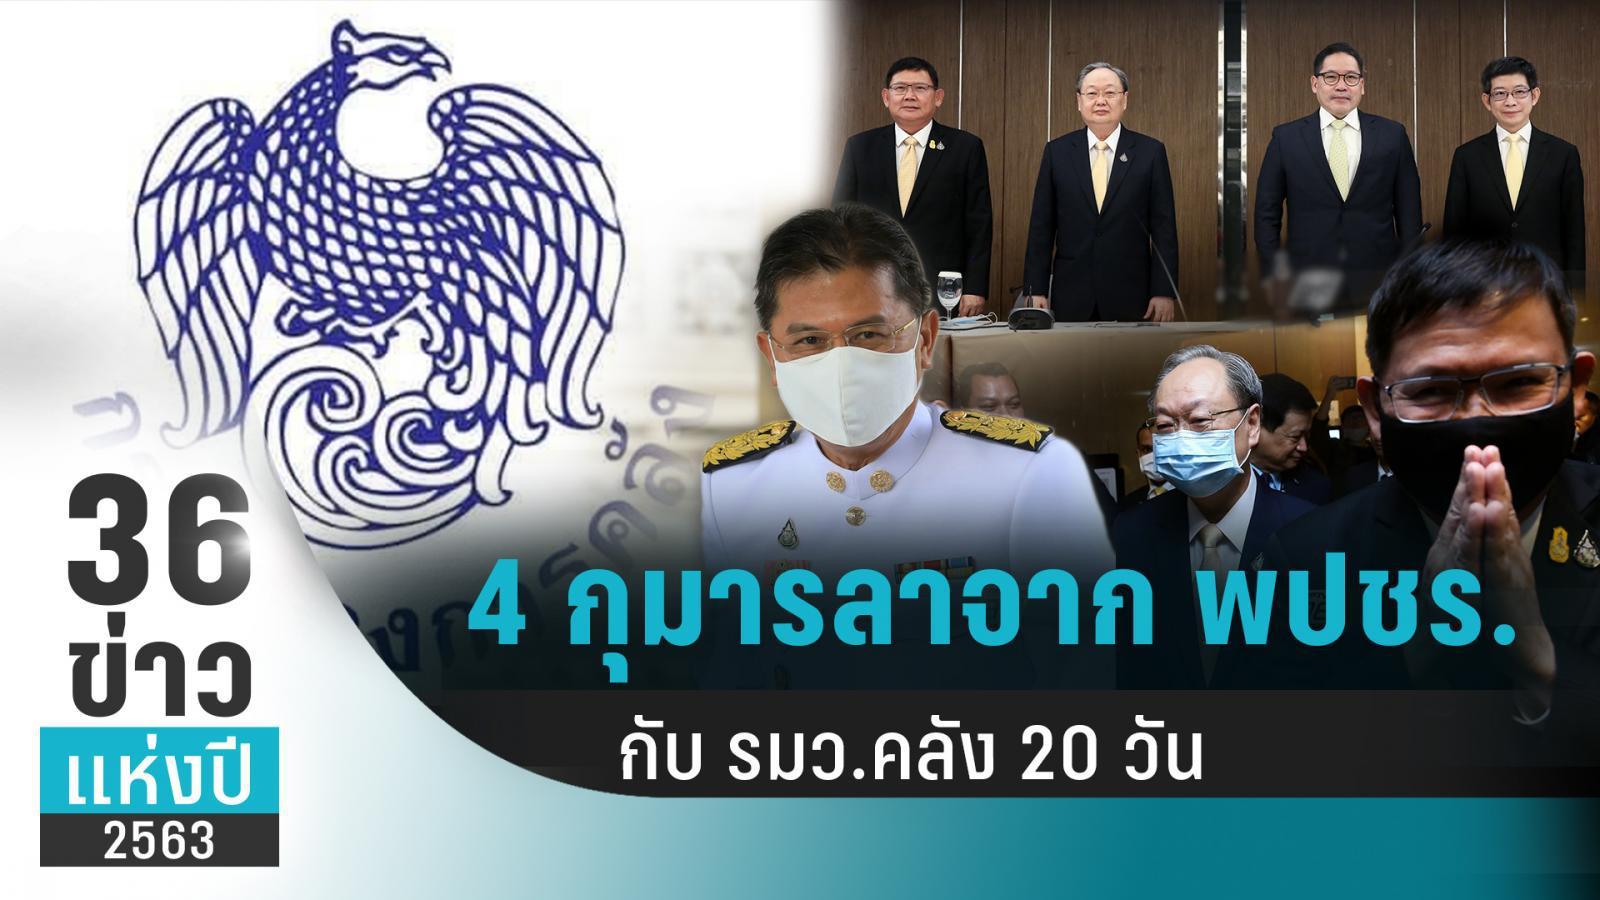 36ข่าวแห่งปี :  จุดแตกหัก พปชร. กับ 4 กุมาร กับปรากฏการณ์ เก้าอี้ รมต.คลัง 20 วัน